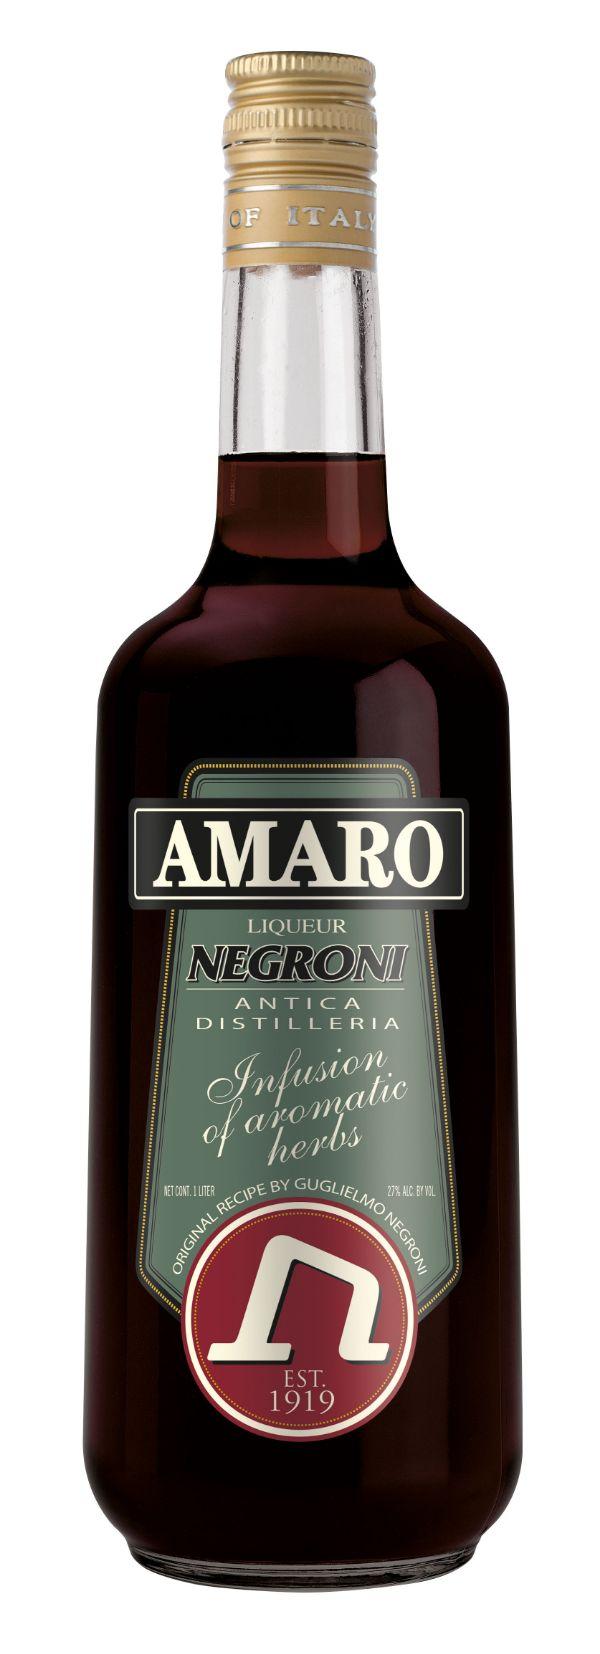 Negroni Amaro Liqueur